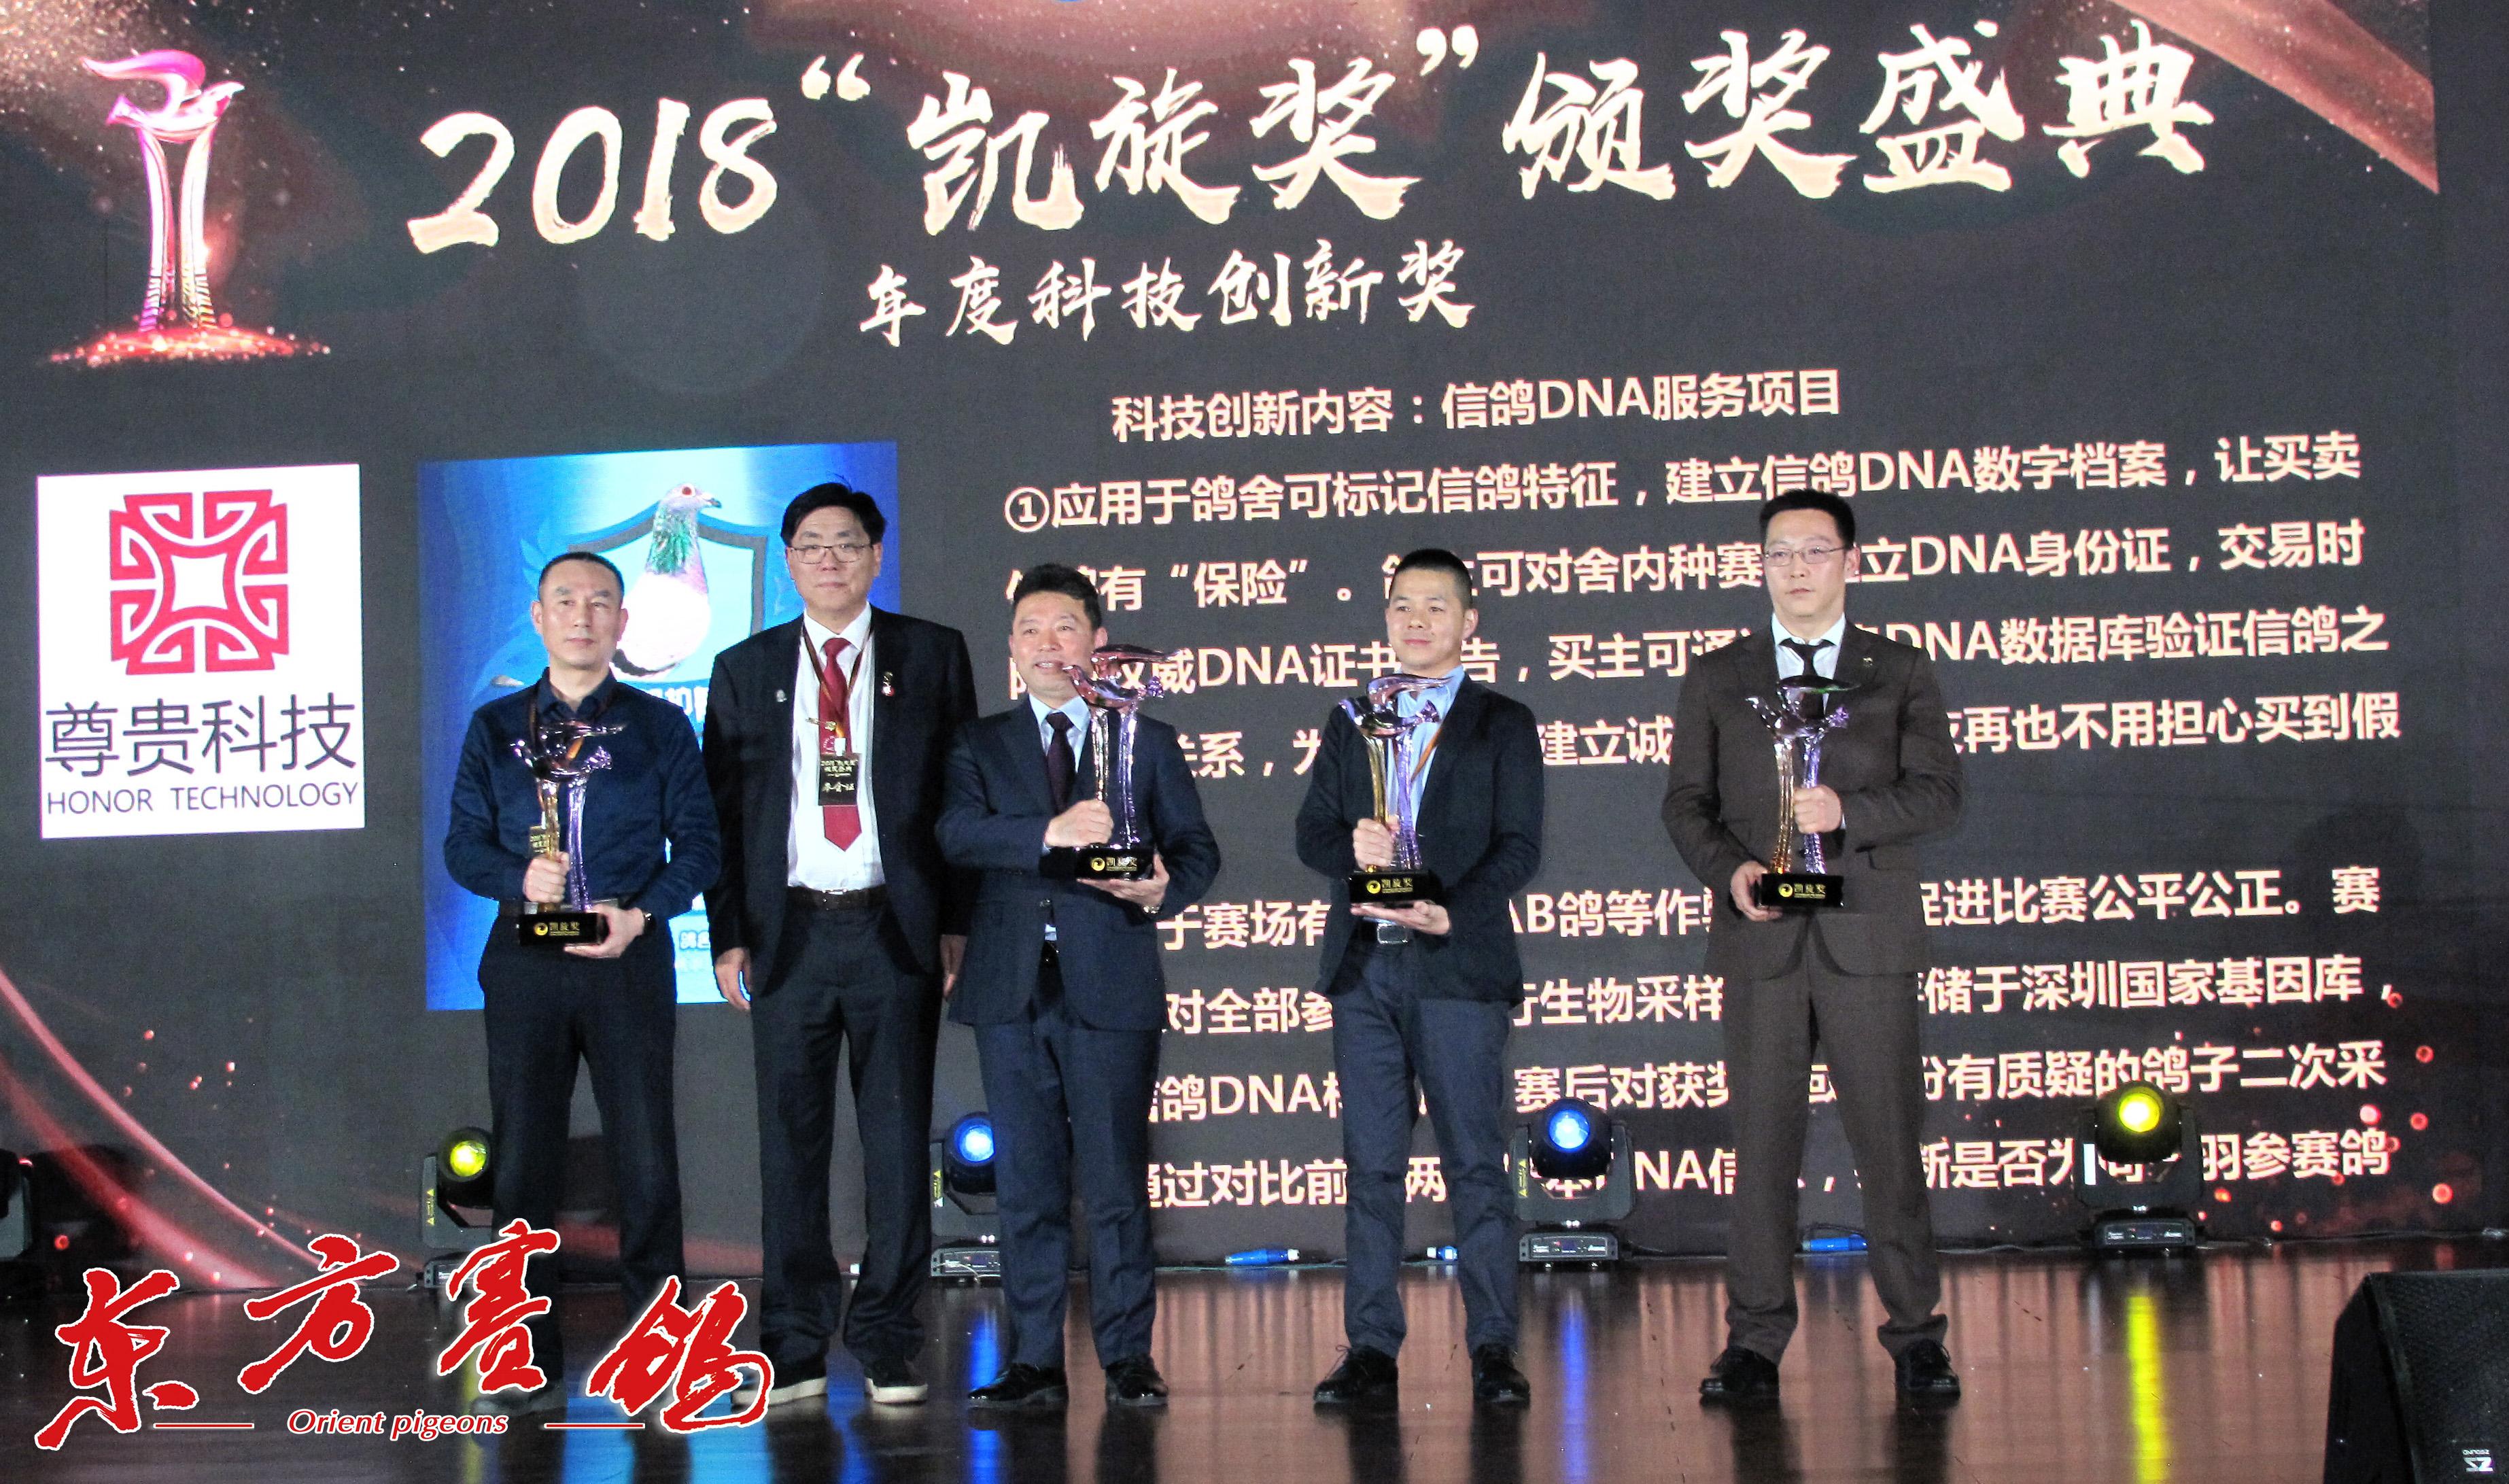 16.荣获2018年度科技创新奖单位。